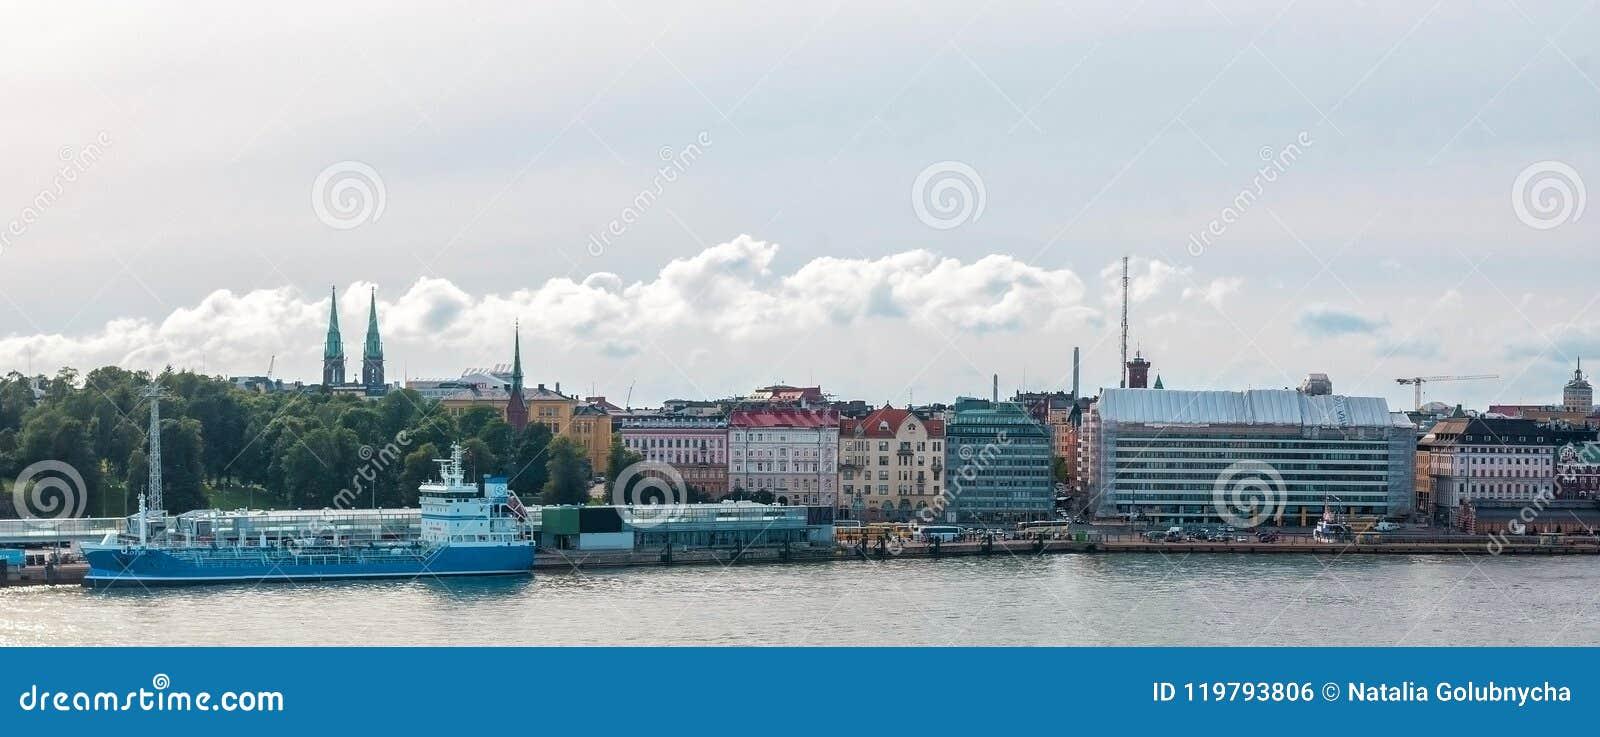 Schip bij de dijk, Helsinki, Finland wordt vastgelegd dat